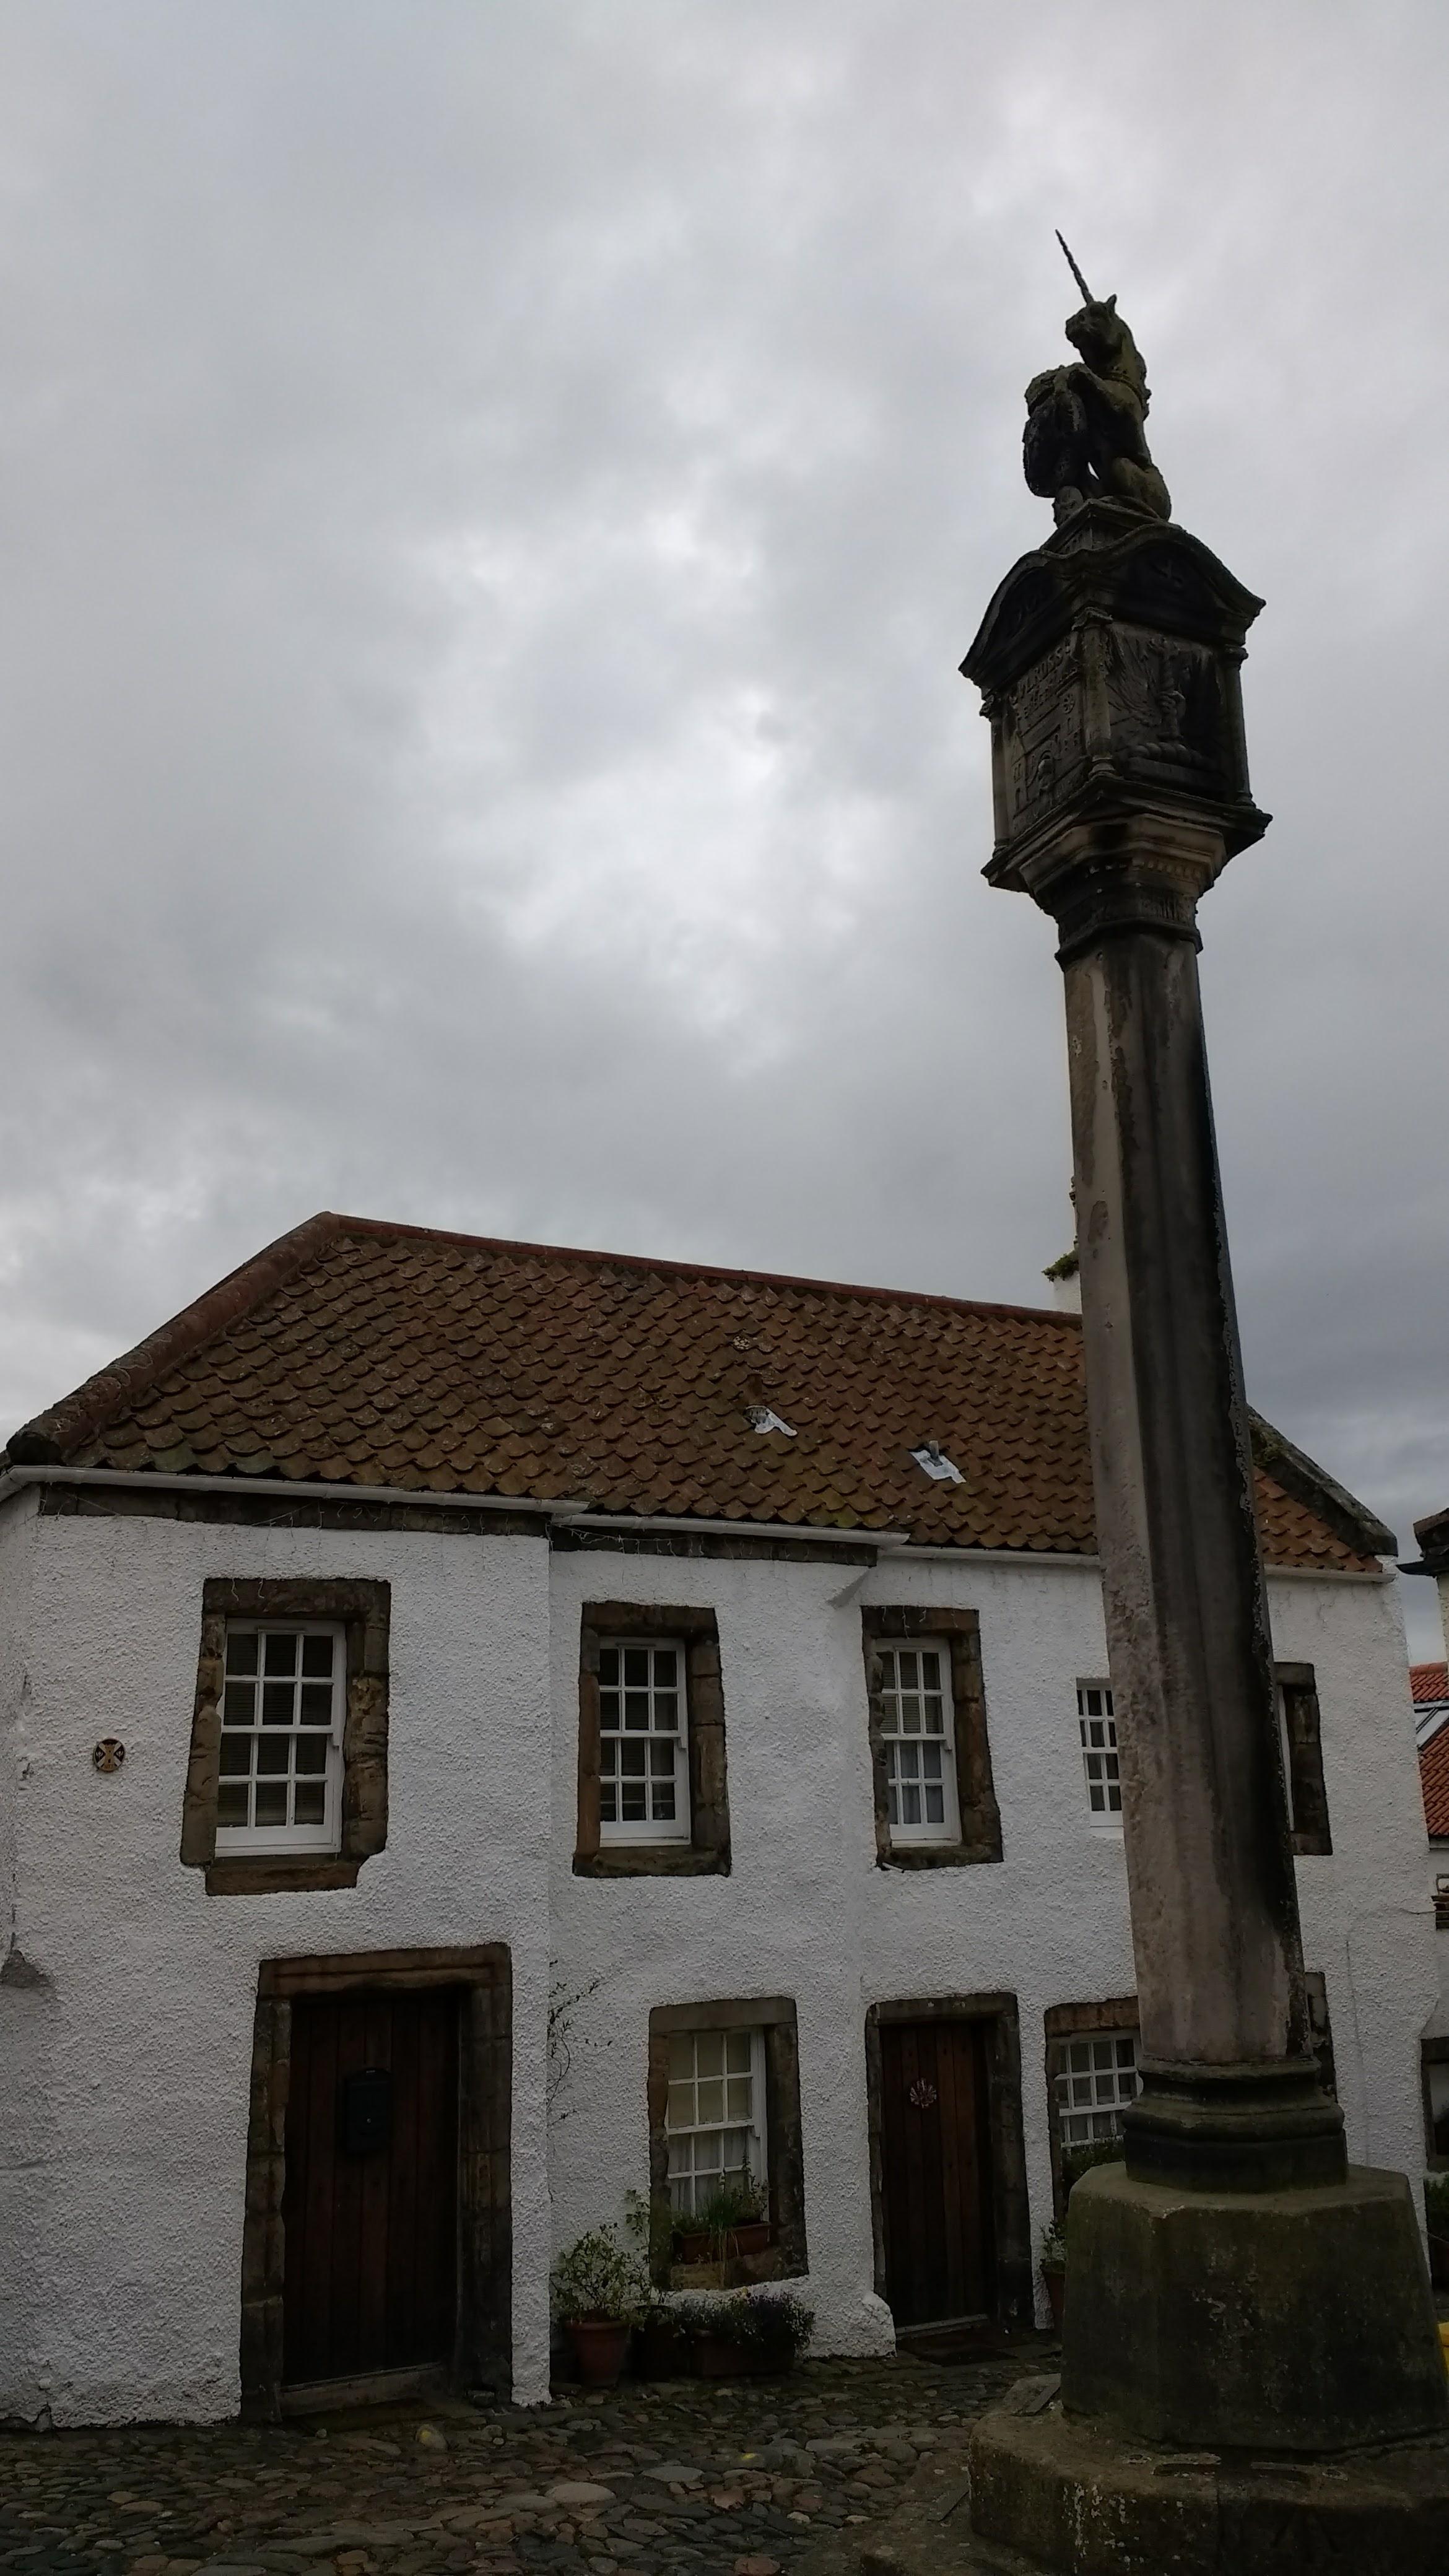 Cullross Village